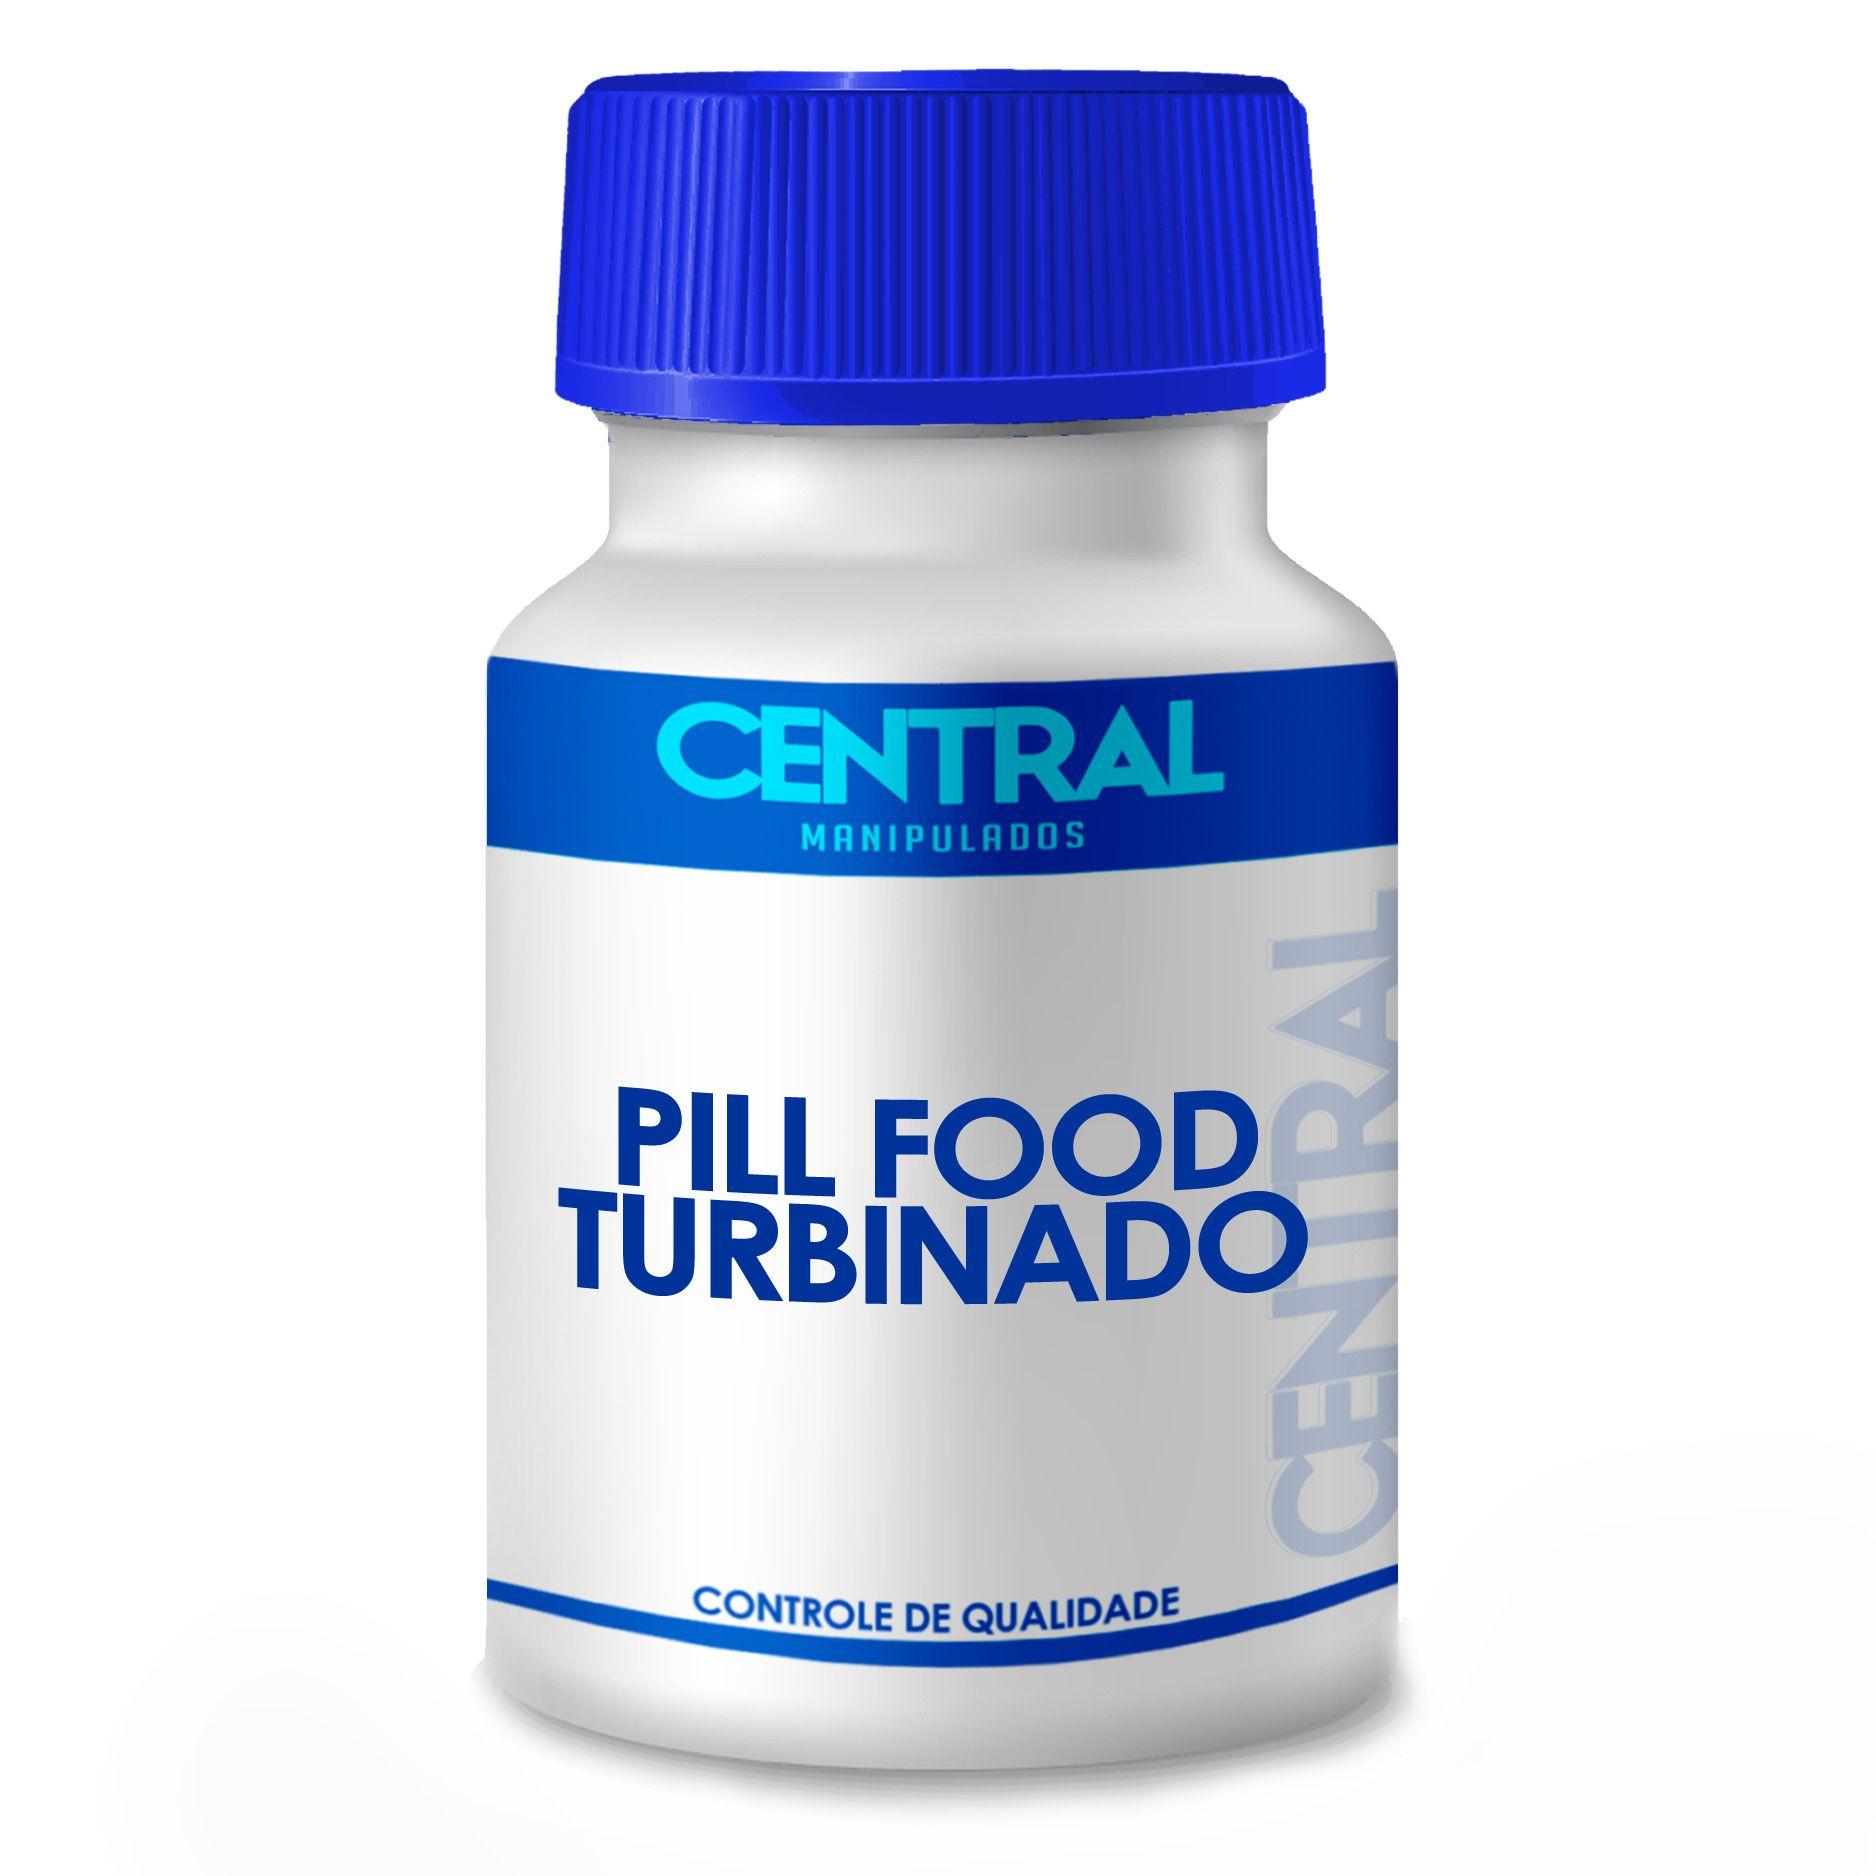 Pill Food Turbinado 120 cápsulas